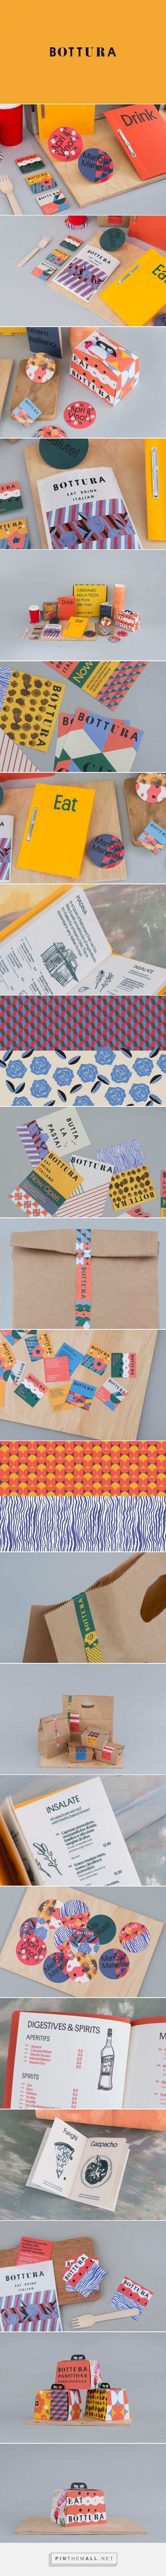 Bottura Branding on Behance | Fivestar Branding – Design and Branding Agency & Inspiration Gallery